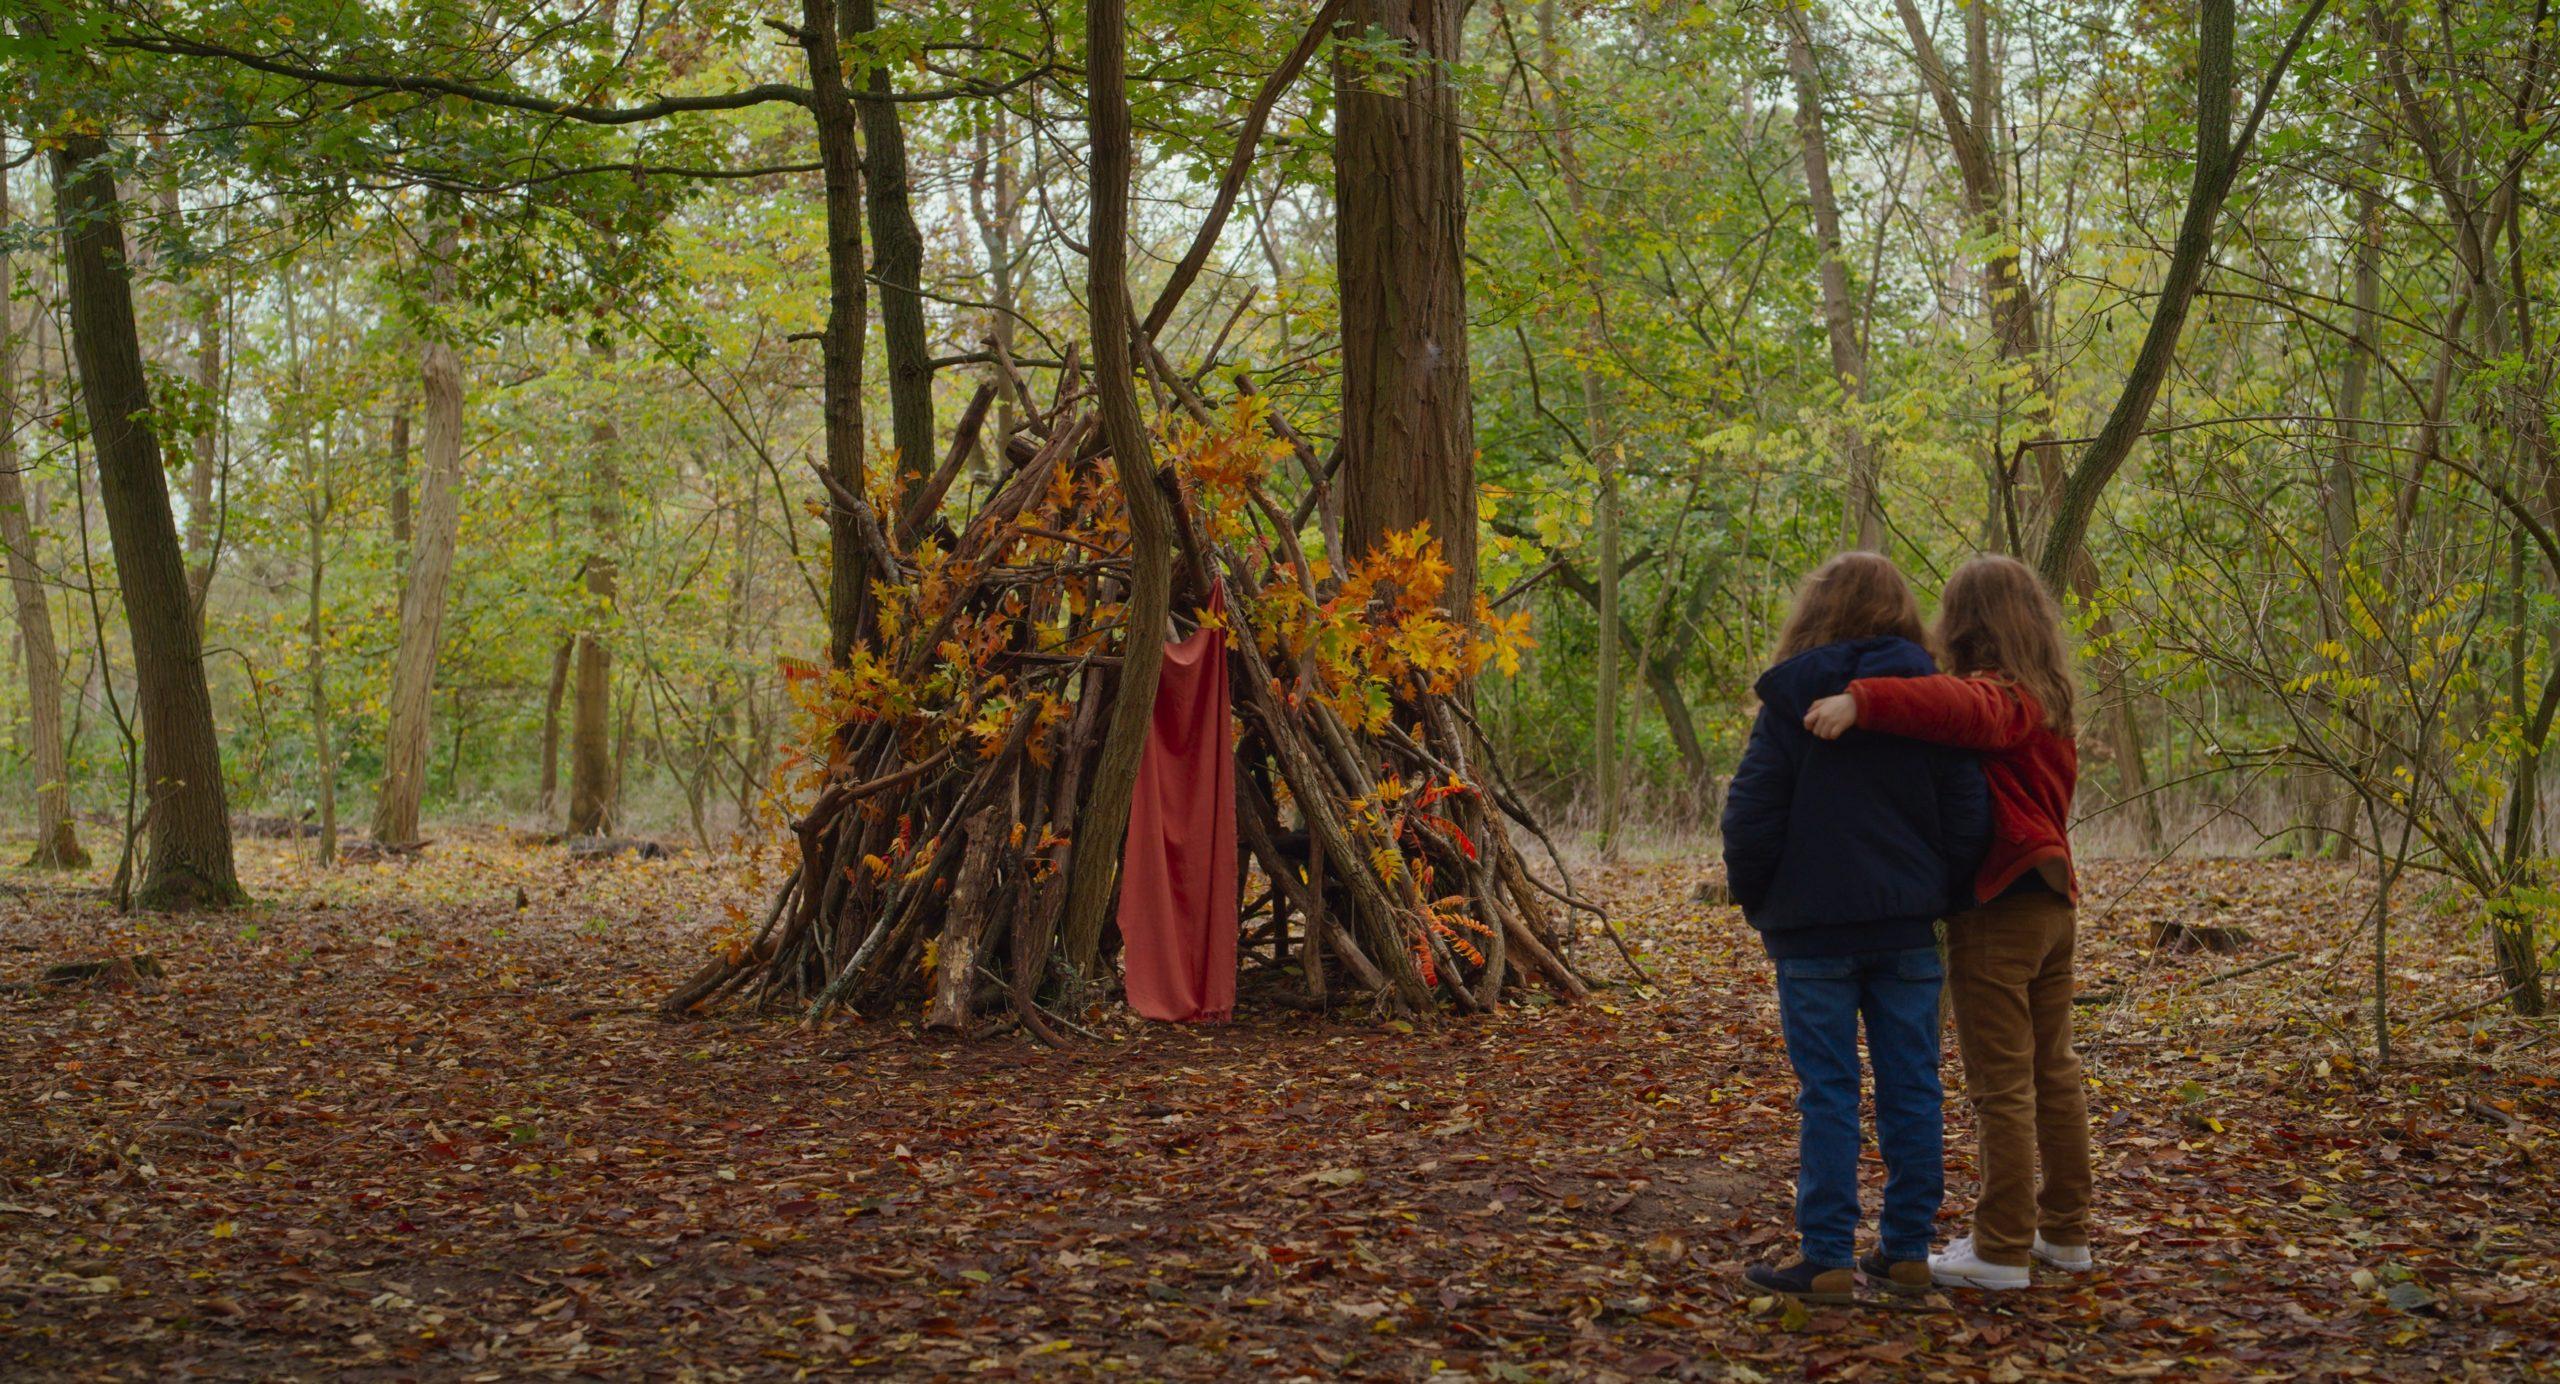 """Joséphine Sanz und Gabrielle Sanz in """"Petite maman"""". Schon zur Berlinale hat der Film uns überzeugt. Foto: Lilies Films"""